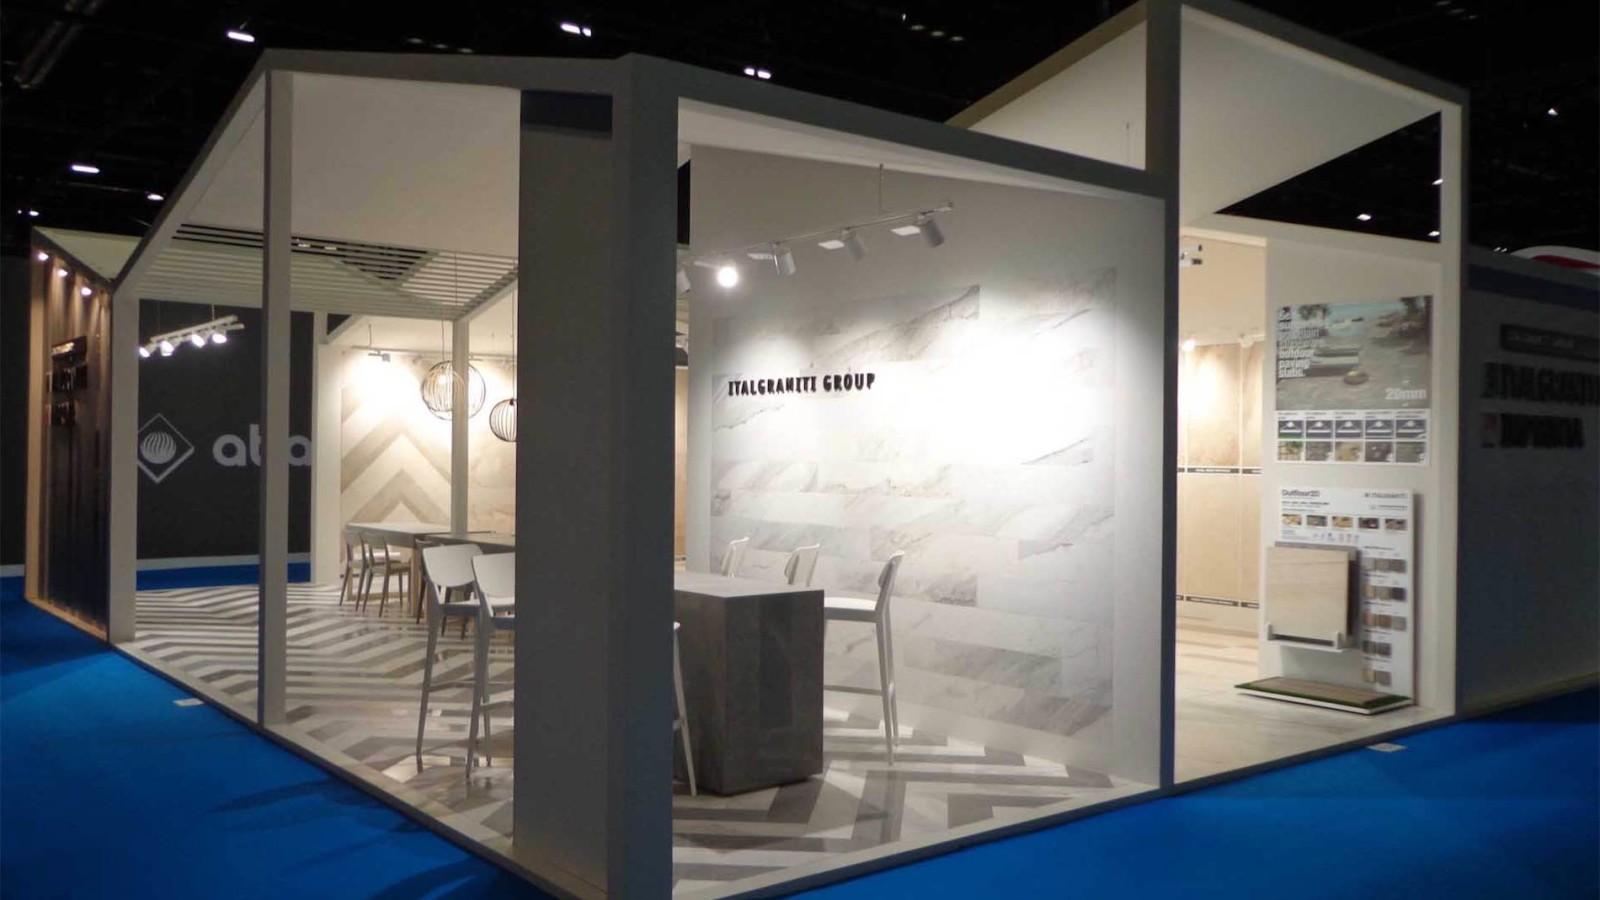 Bottega - Dettaglio allestimento stand fieristico Italgraniti per l'edizione 2015 del Coverings di Orlando